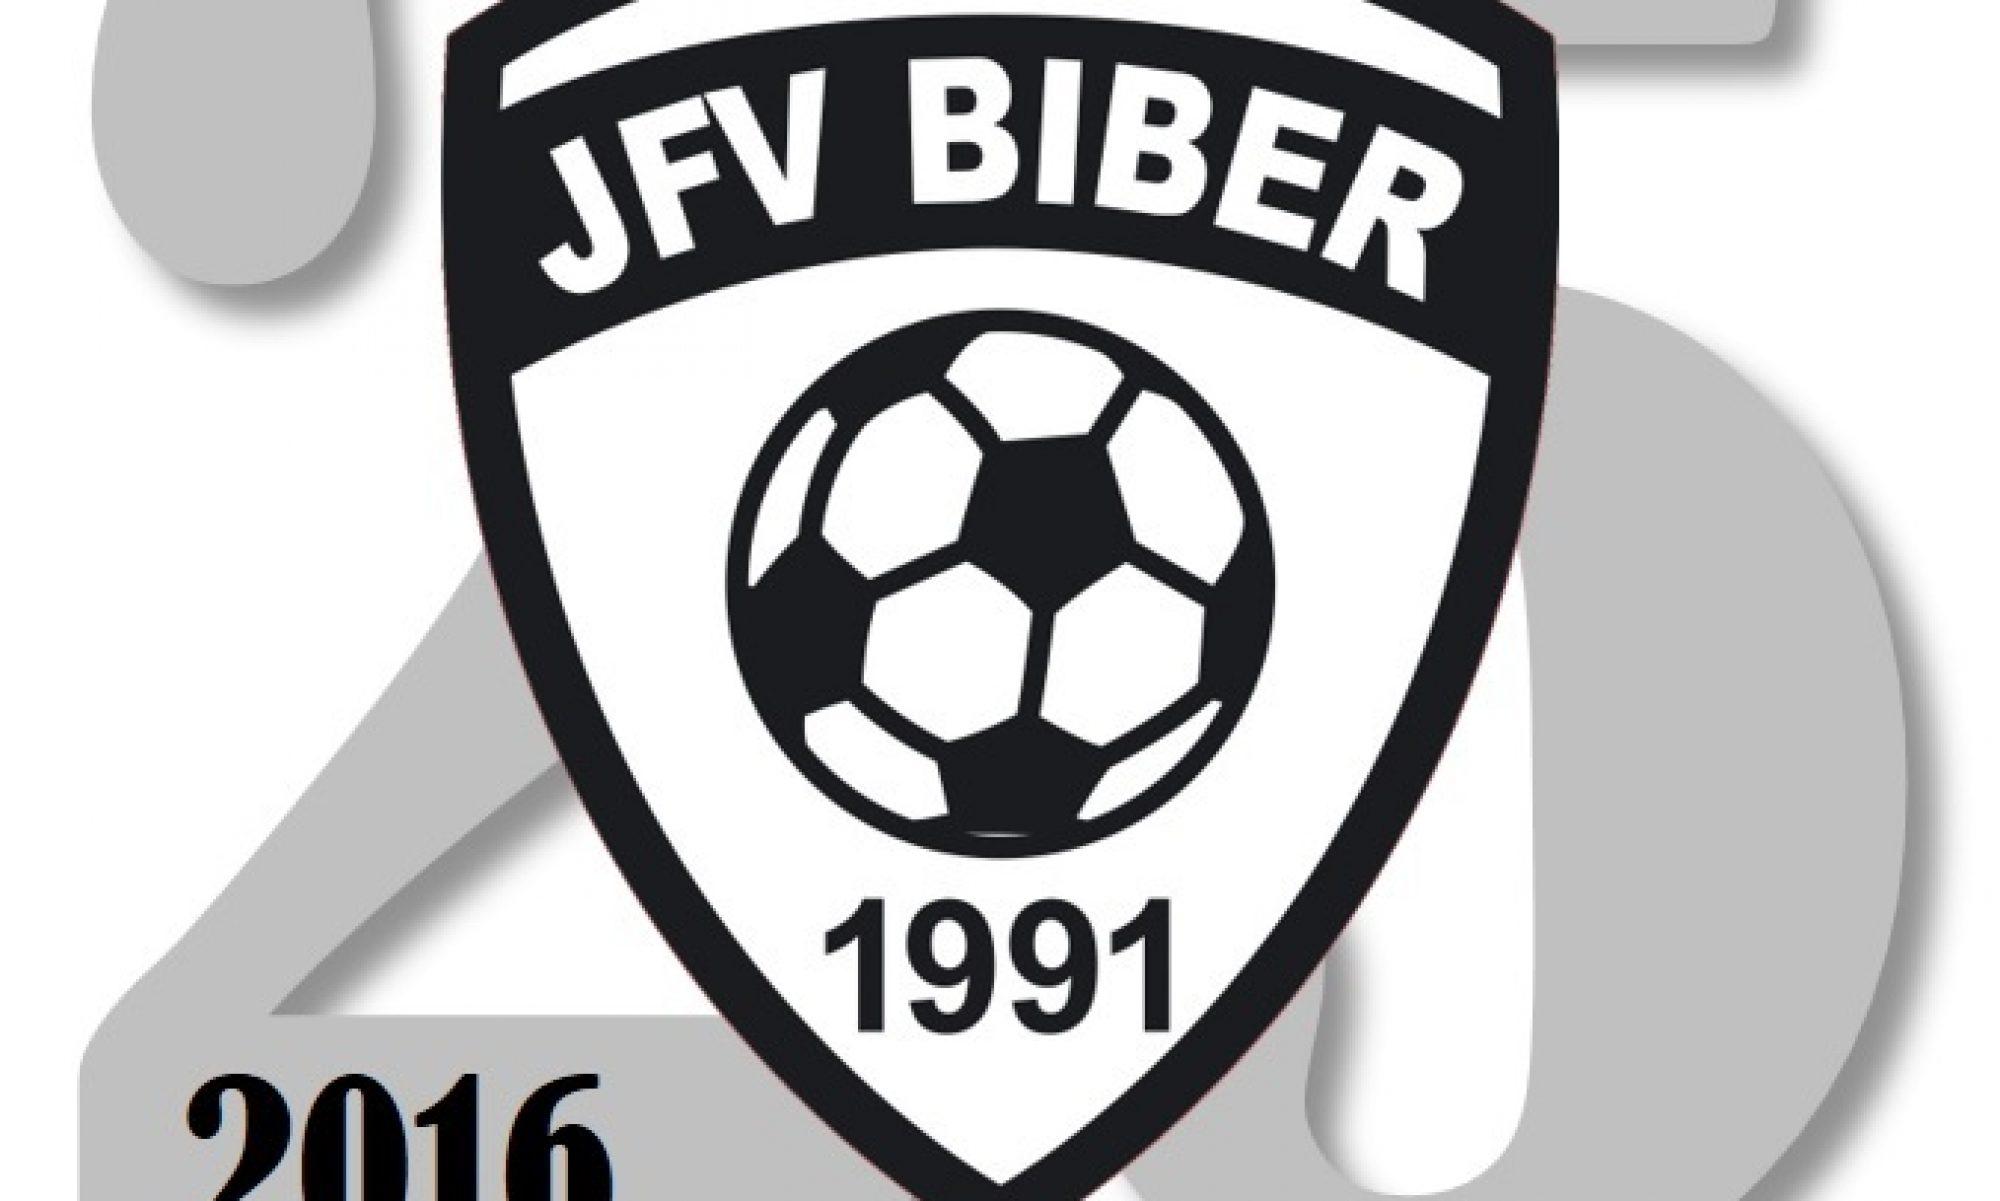 JFV Biber